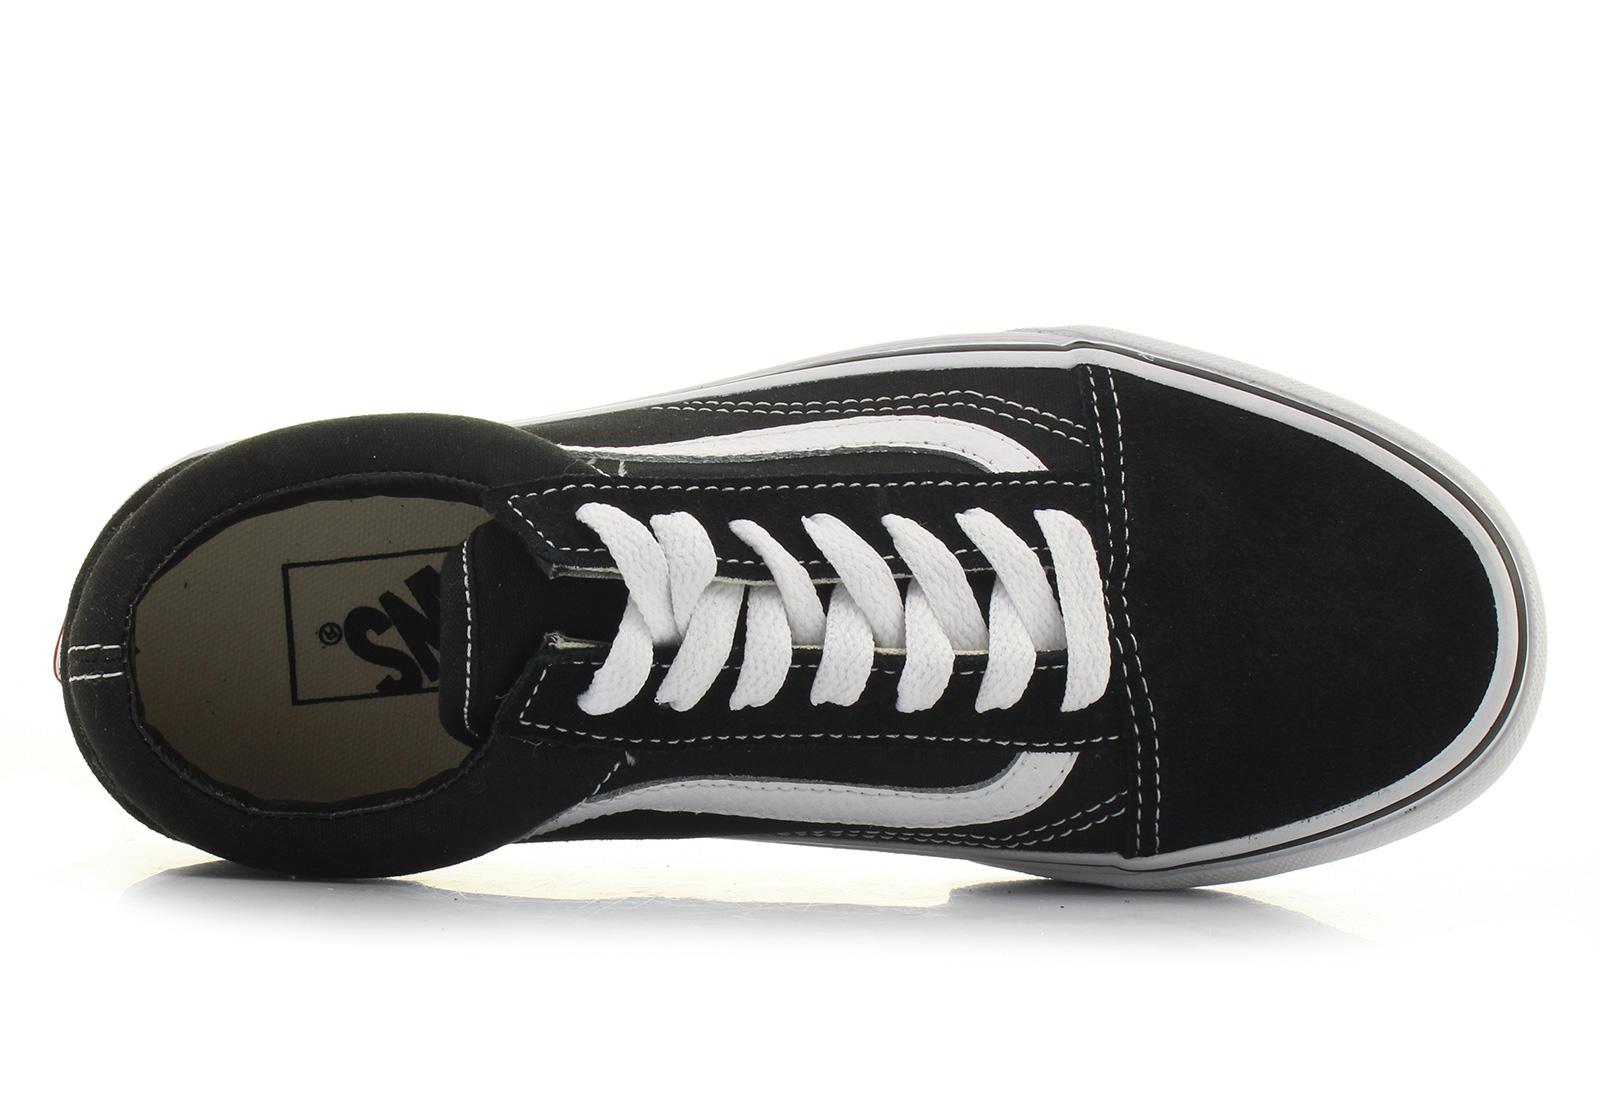 Vans Cipő - Ua Old Skool - VD3H-Y28 - Office Shoes Magyarország 5e88288a62